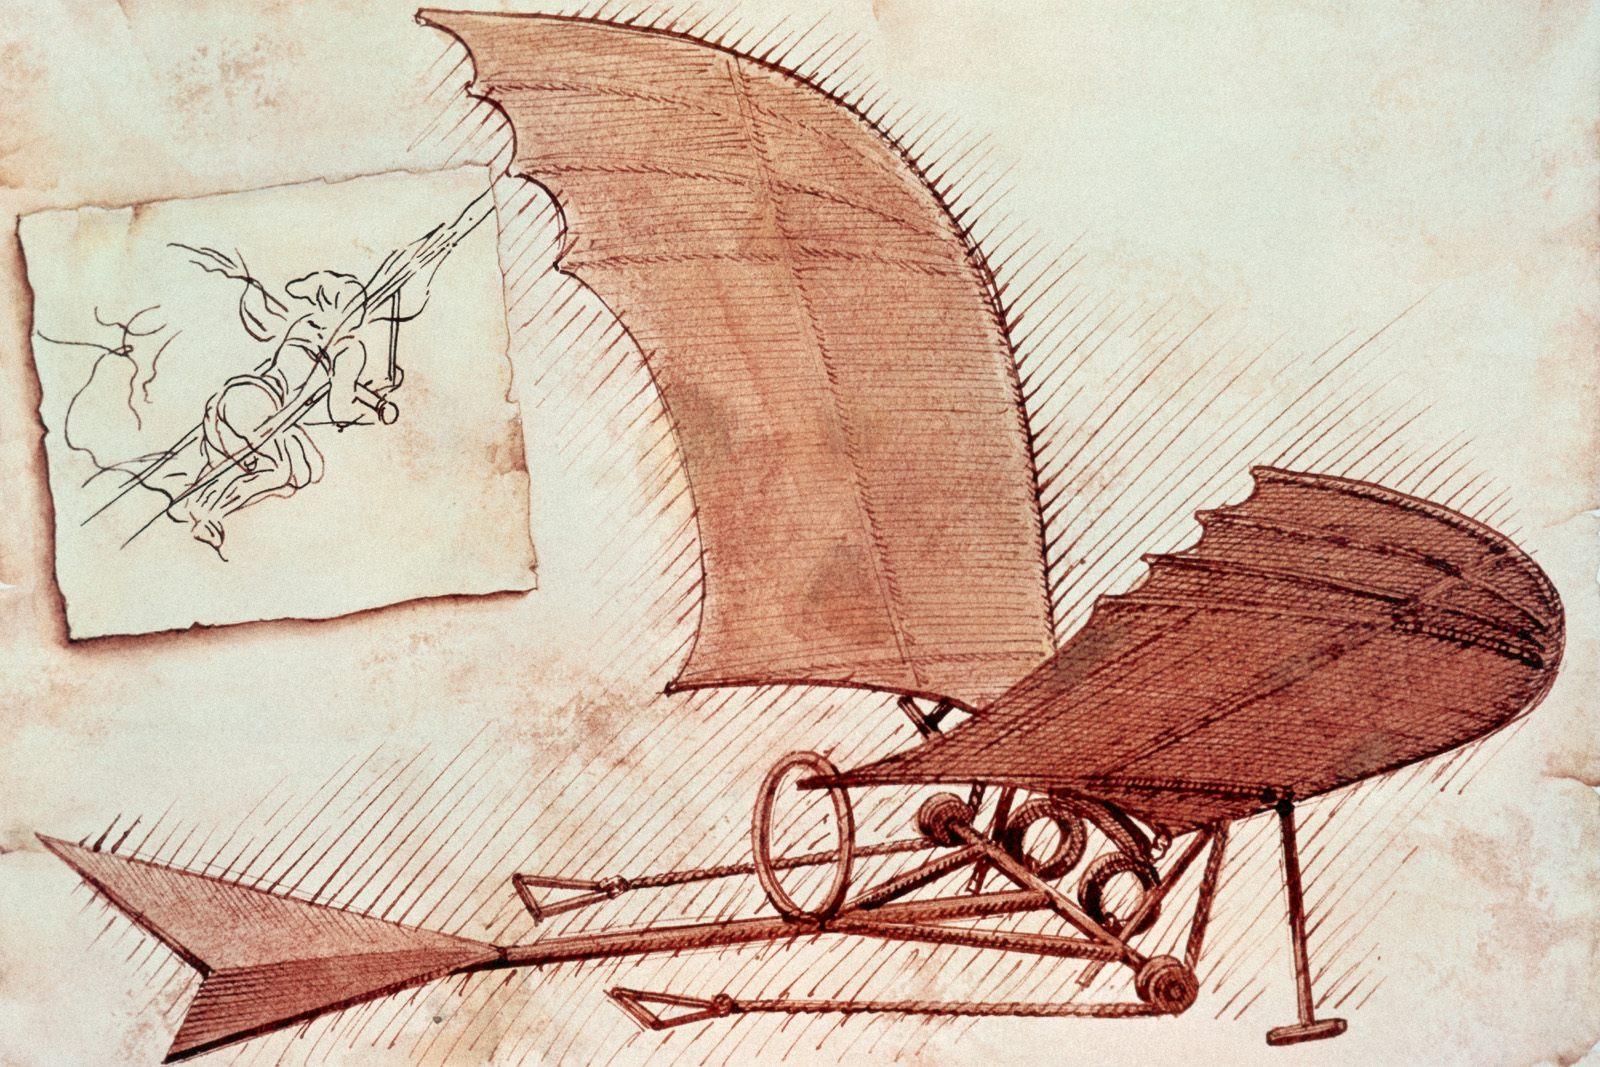 http://1.bp.blogspot.com/-gwEbMDT1d2g/UGS-6fOkd5I/AAAAAAAANkU/S4NGVgpl1cM/s1600/01_flying-machine-da-vinci-1490_johnkapeleris-com-blog-c2bfp459.jpg